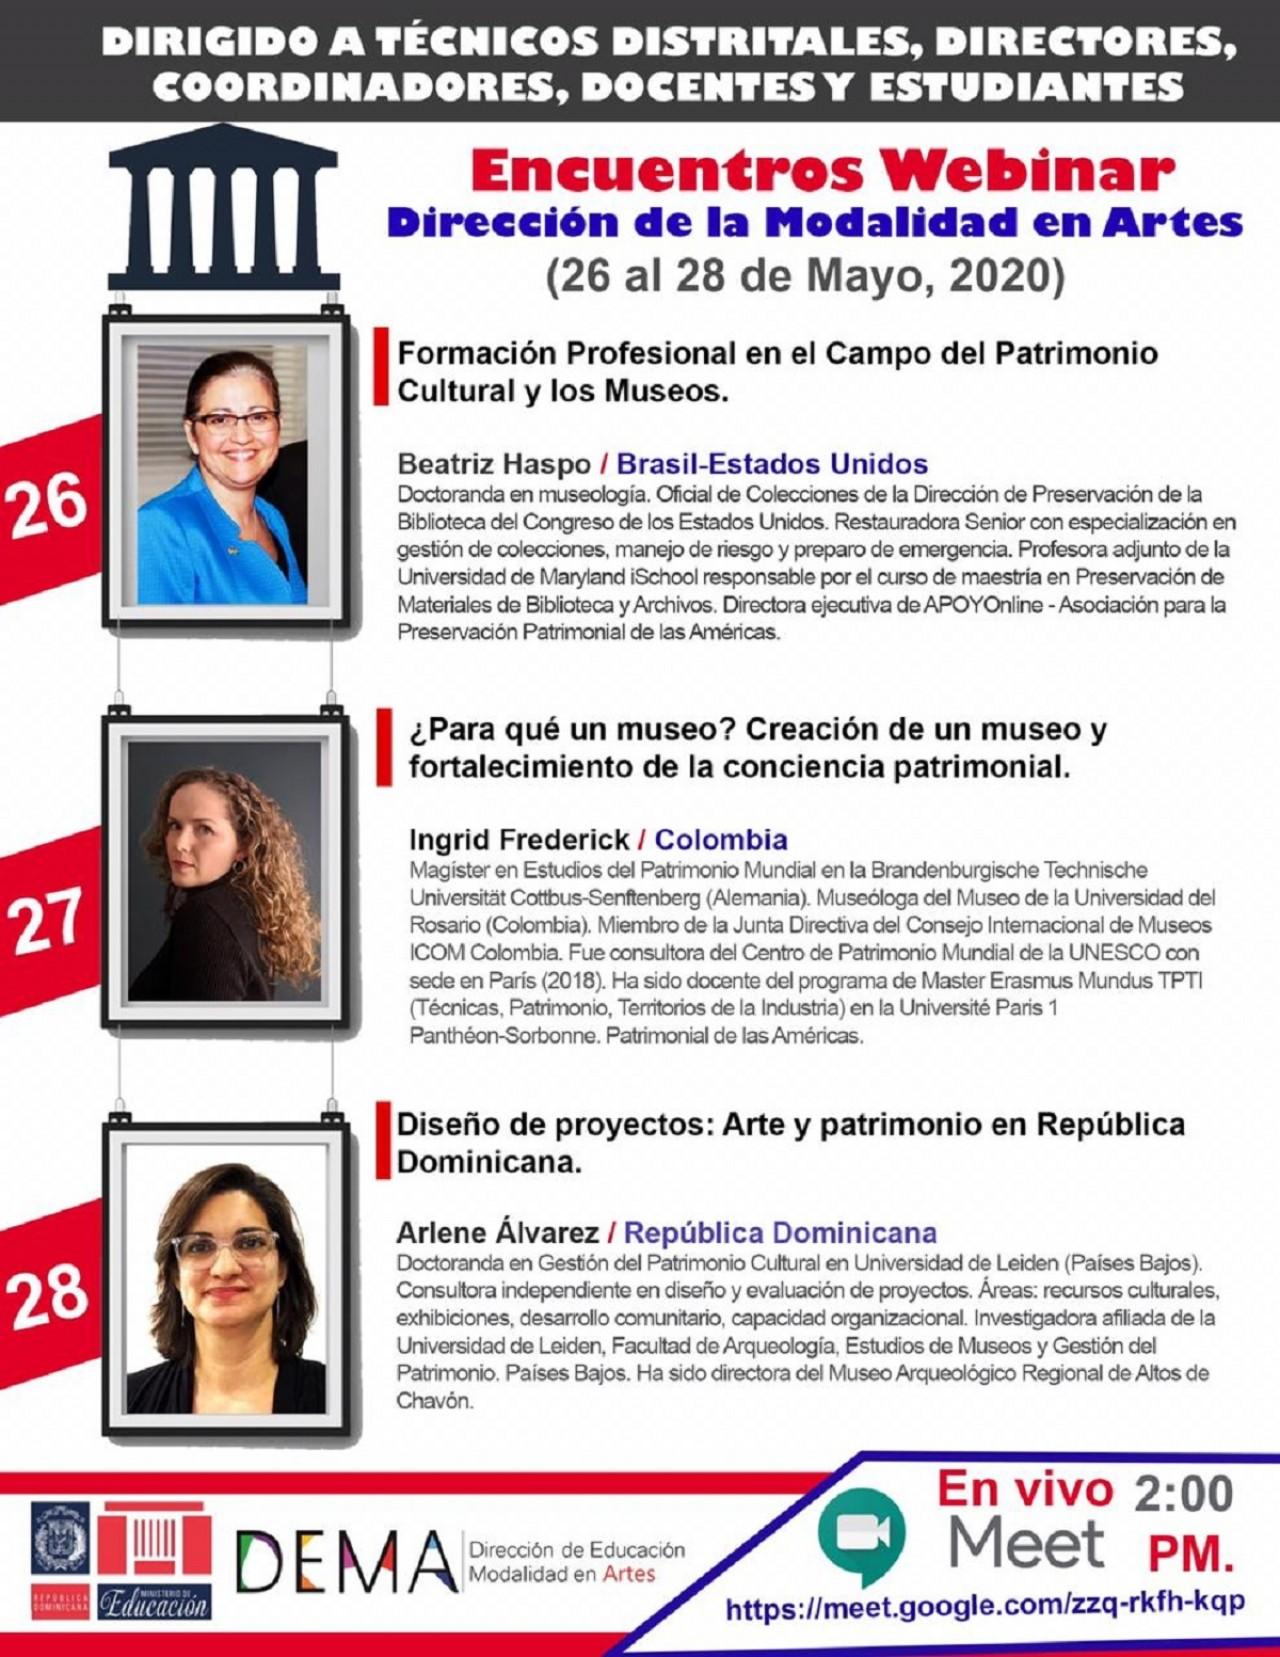 imagen Beatriz Haspo es doctoranda en museología en la Universidade Lusófona de Technologias e Humanidades (Portugal).